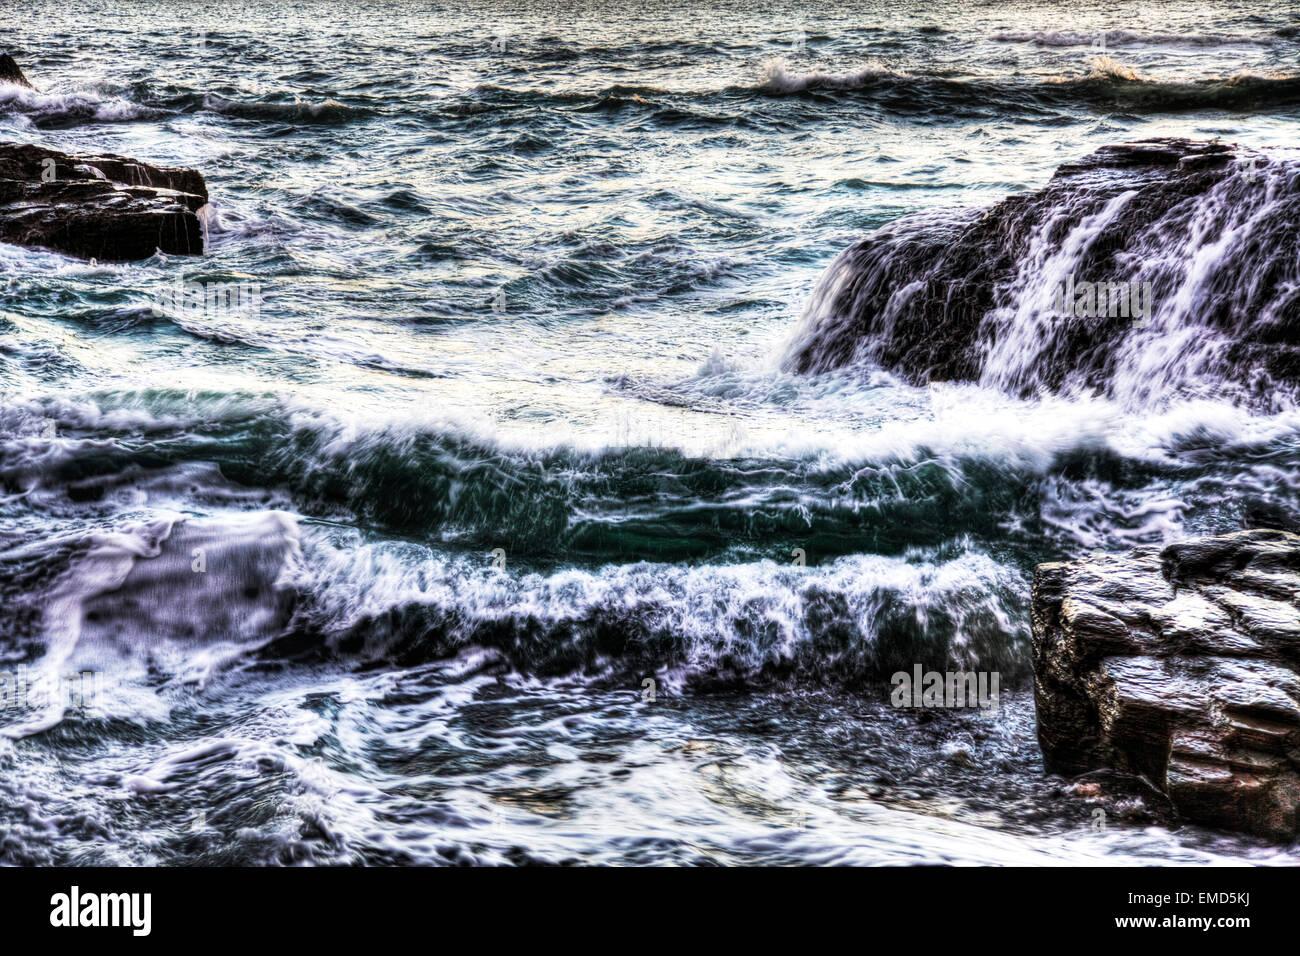 La côte de la mer démontée Cornwall Cornish côtières marées tide UK Angleterre Banque D'Images